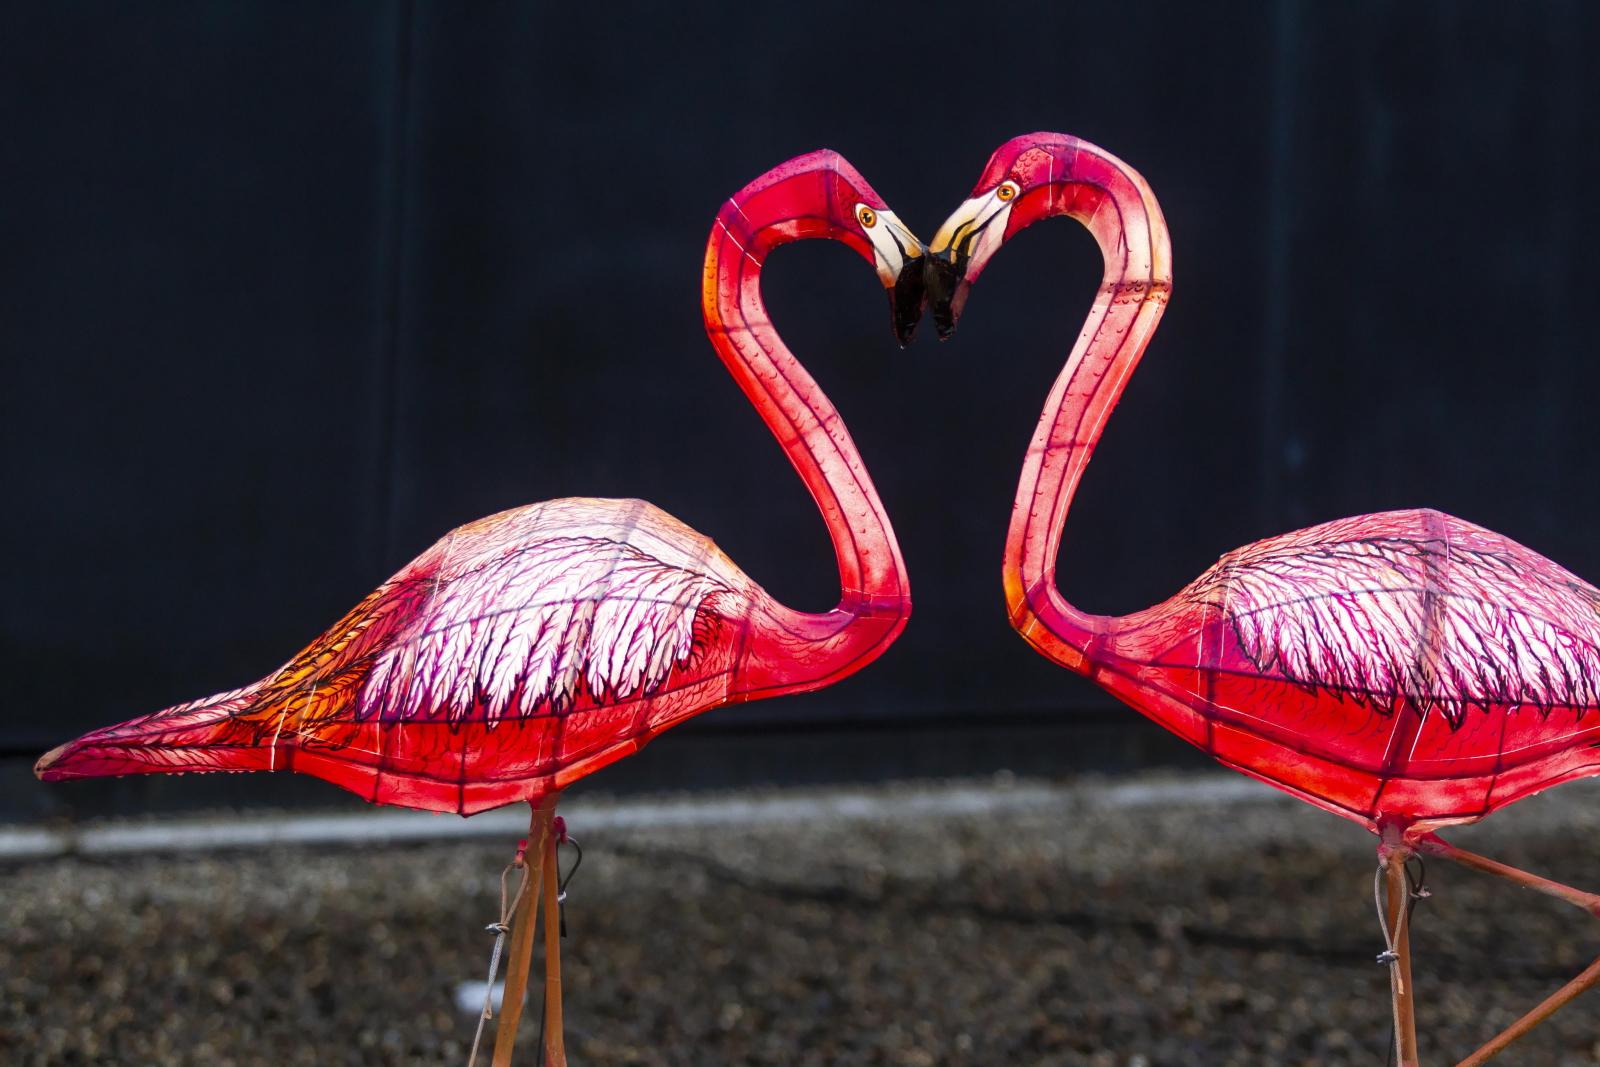 Podświetlane zwierzęta w zoo we Wrocławiu fot. PAP/Aleksander Koźmiñski